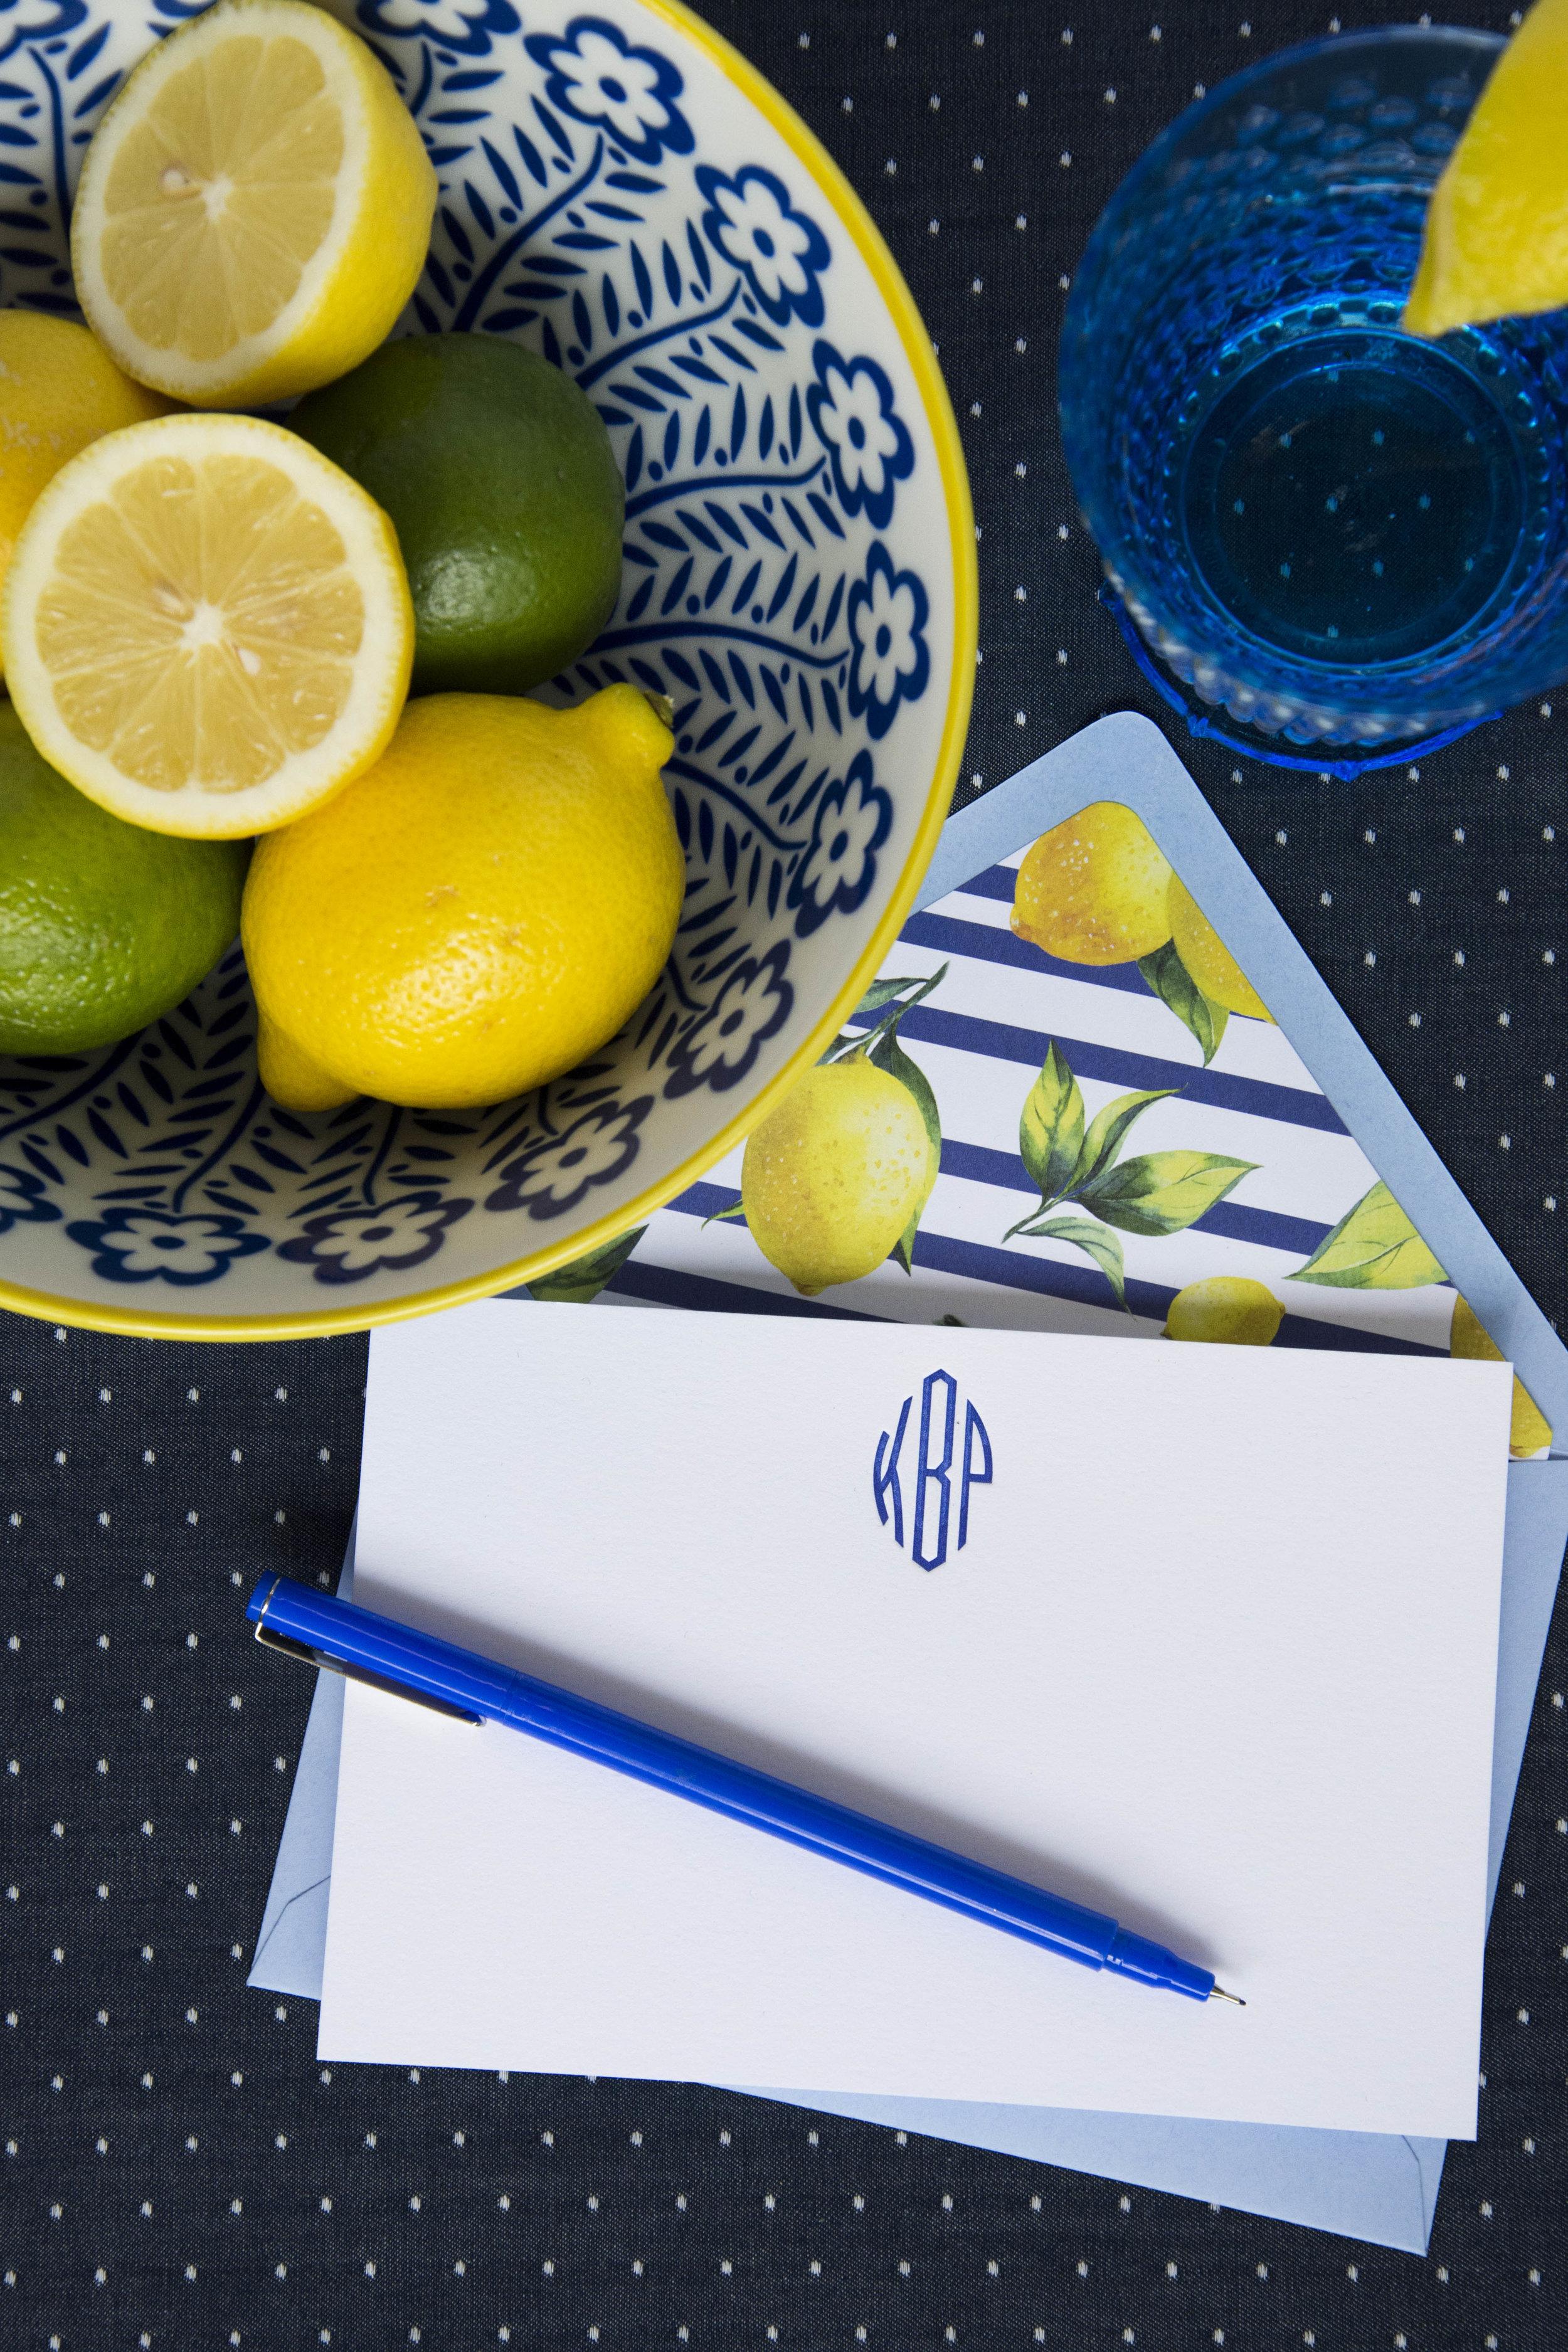 N&E_M77_L323_Stylized_Lemons_V2_HautePapier.JPG